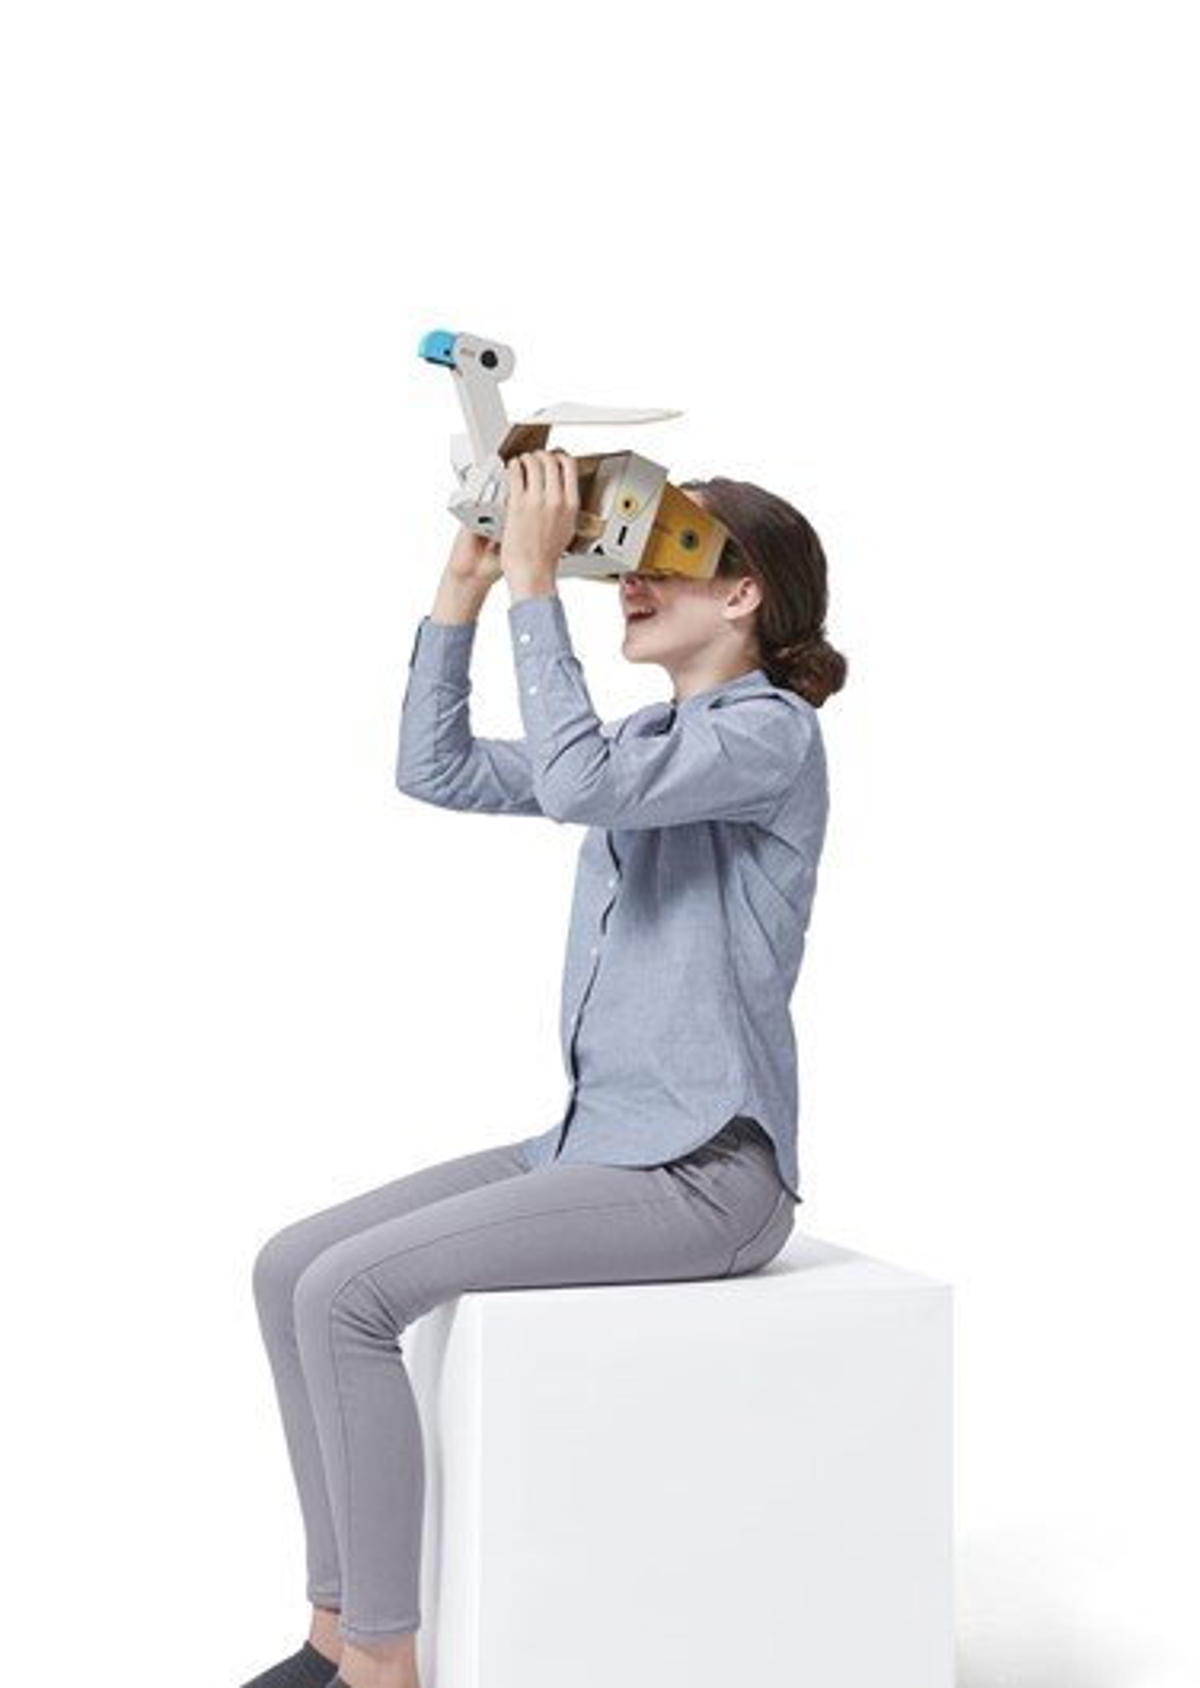 Nintendo Switch terá seu primeiro óculos VR com o Nintendo Labo em abril